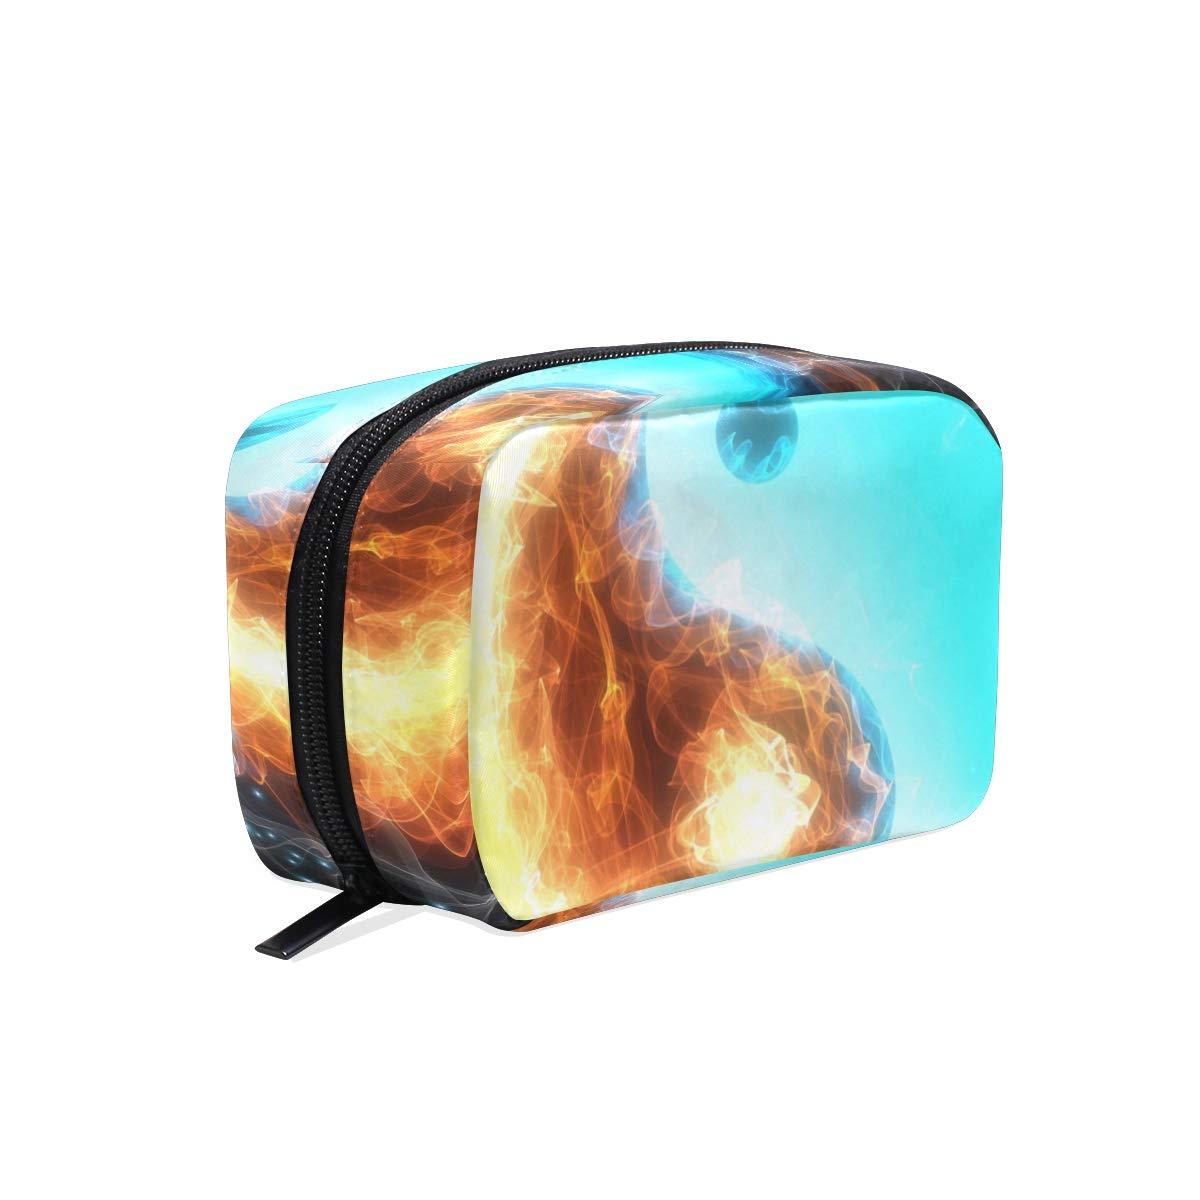 Cosmetic Makeup Bag Pouch Art Water Fire Yin Yang Clutch